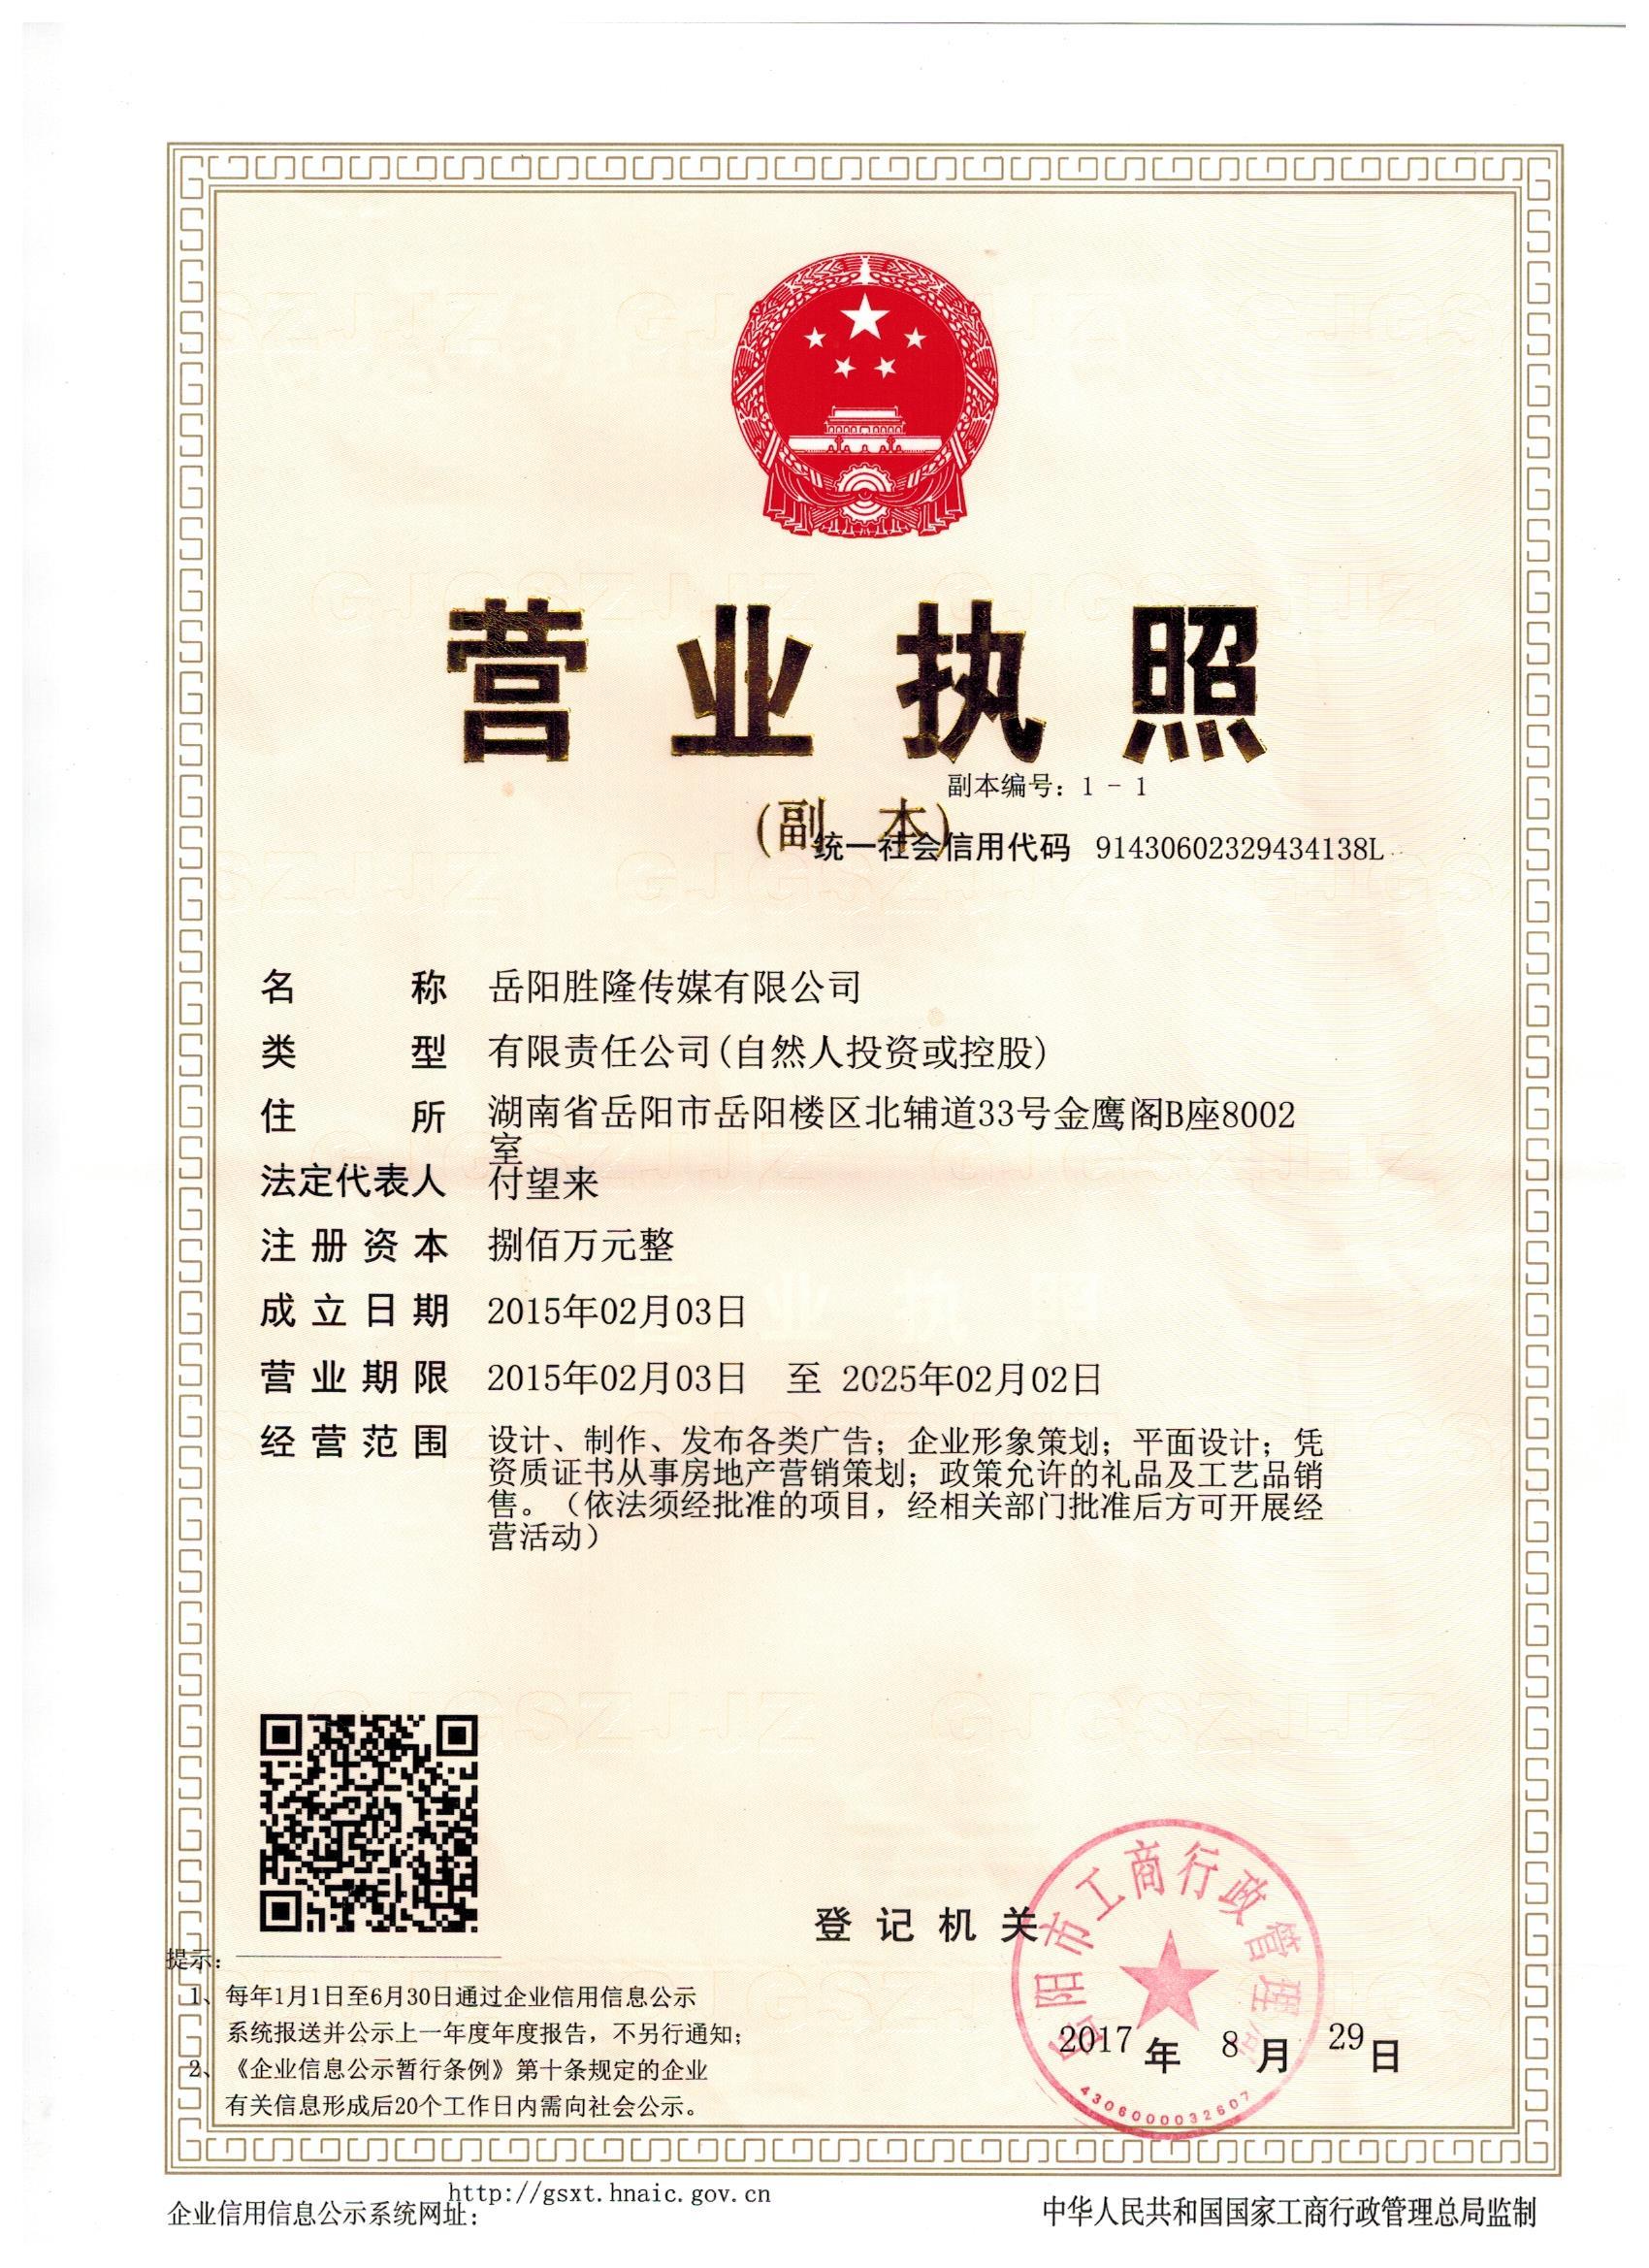 岳阳胜隆传媒有限公司